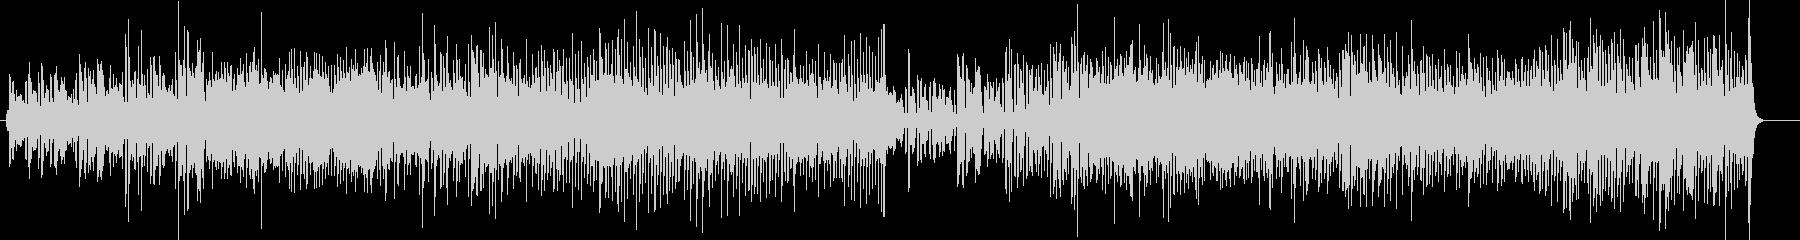 生楽器 デンマークの軽快なダンス曲ポルカの未再生の波形